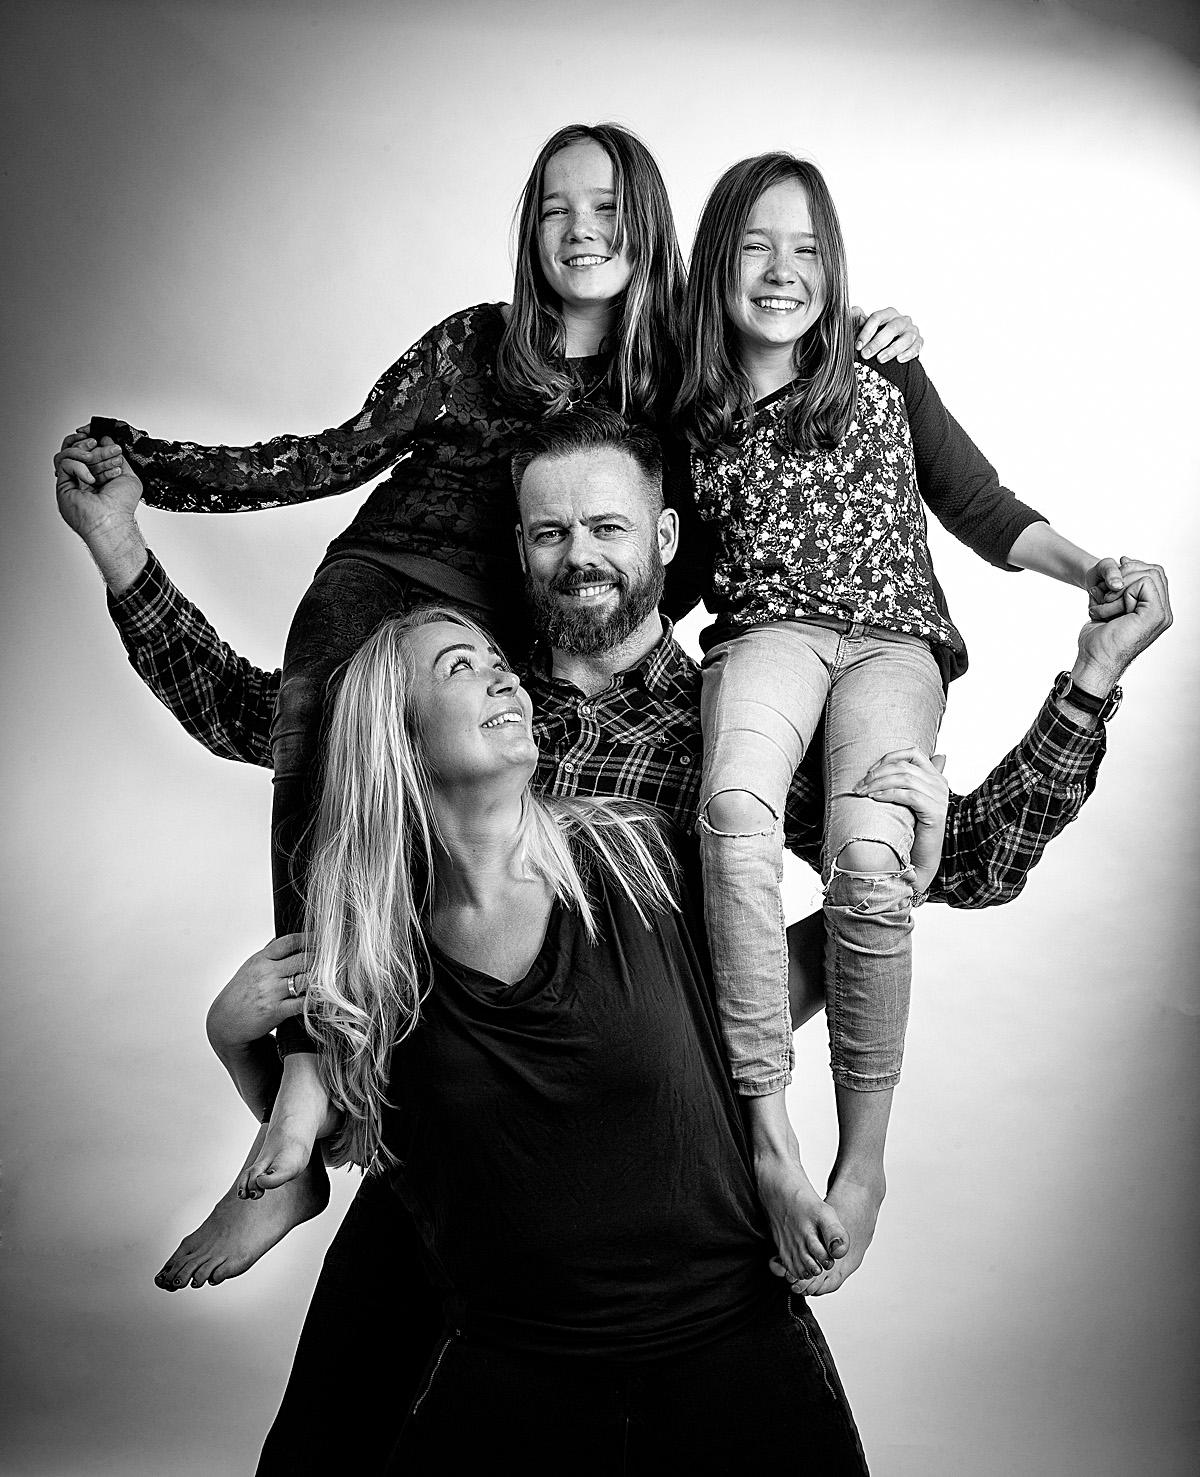 Familieportræt en fotosession af hele familien